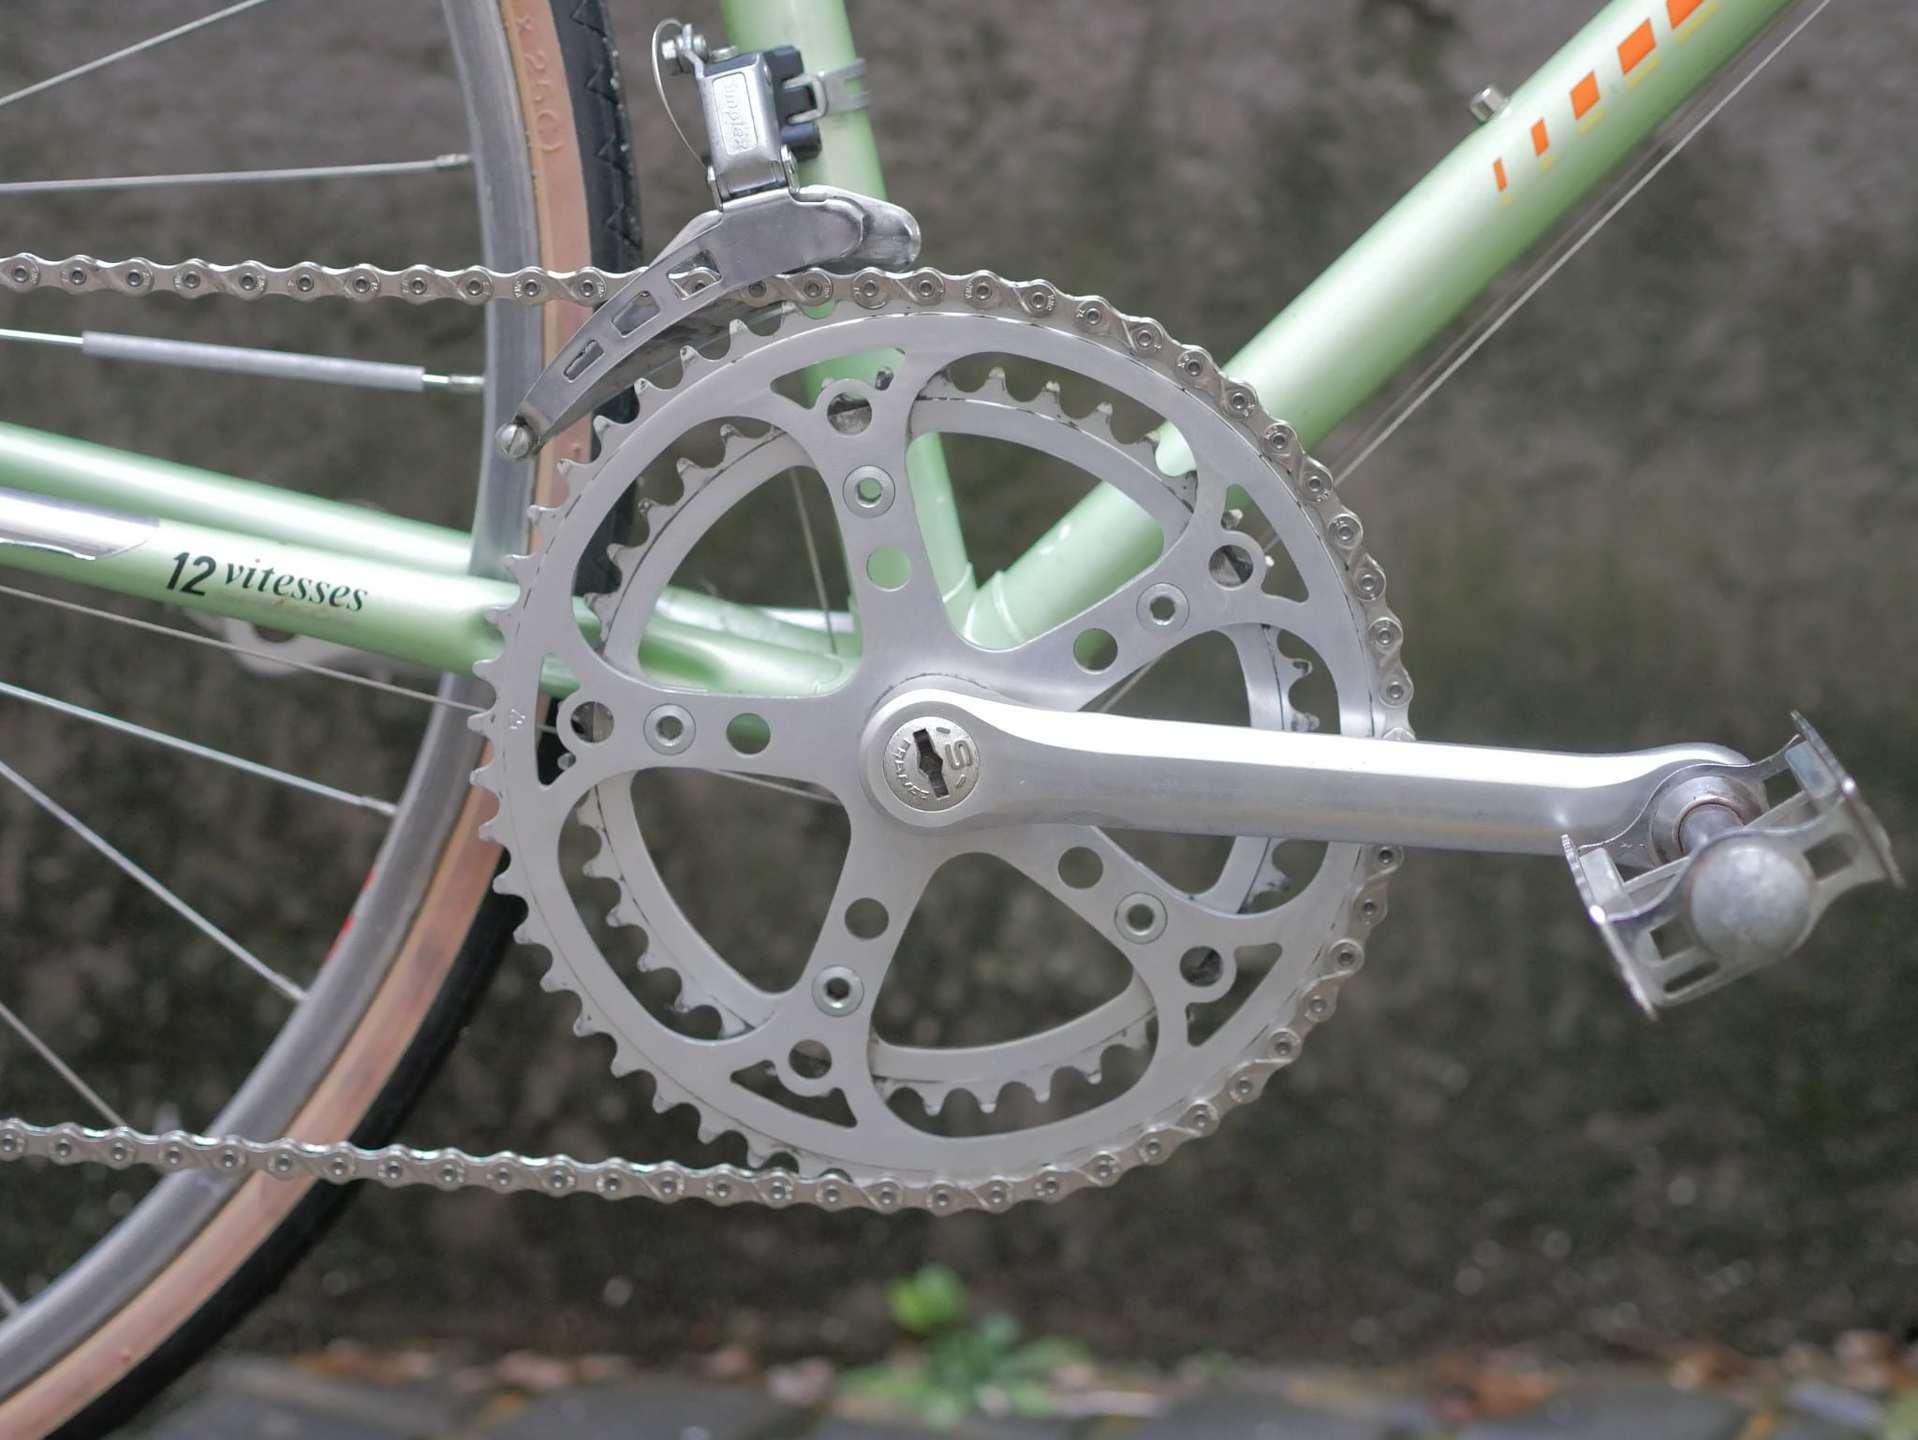 P1090028 - Peugeot custom vintage bike